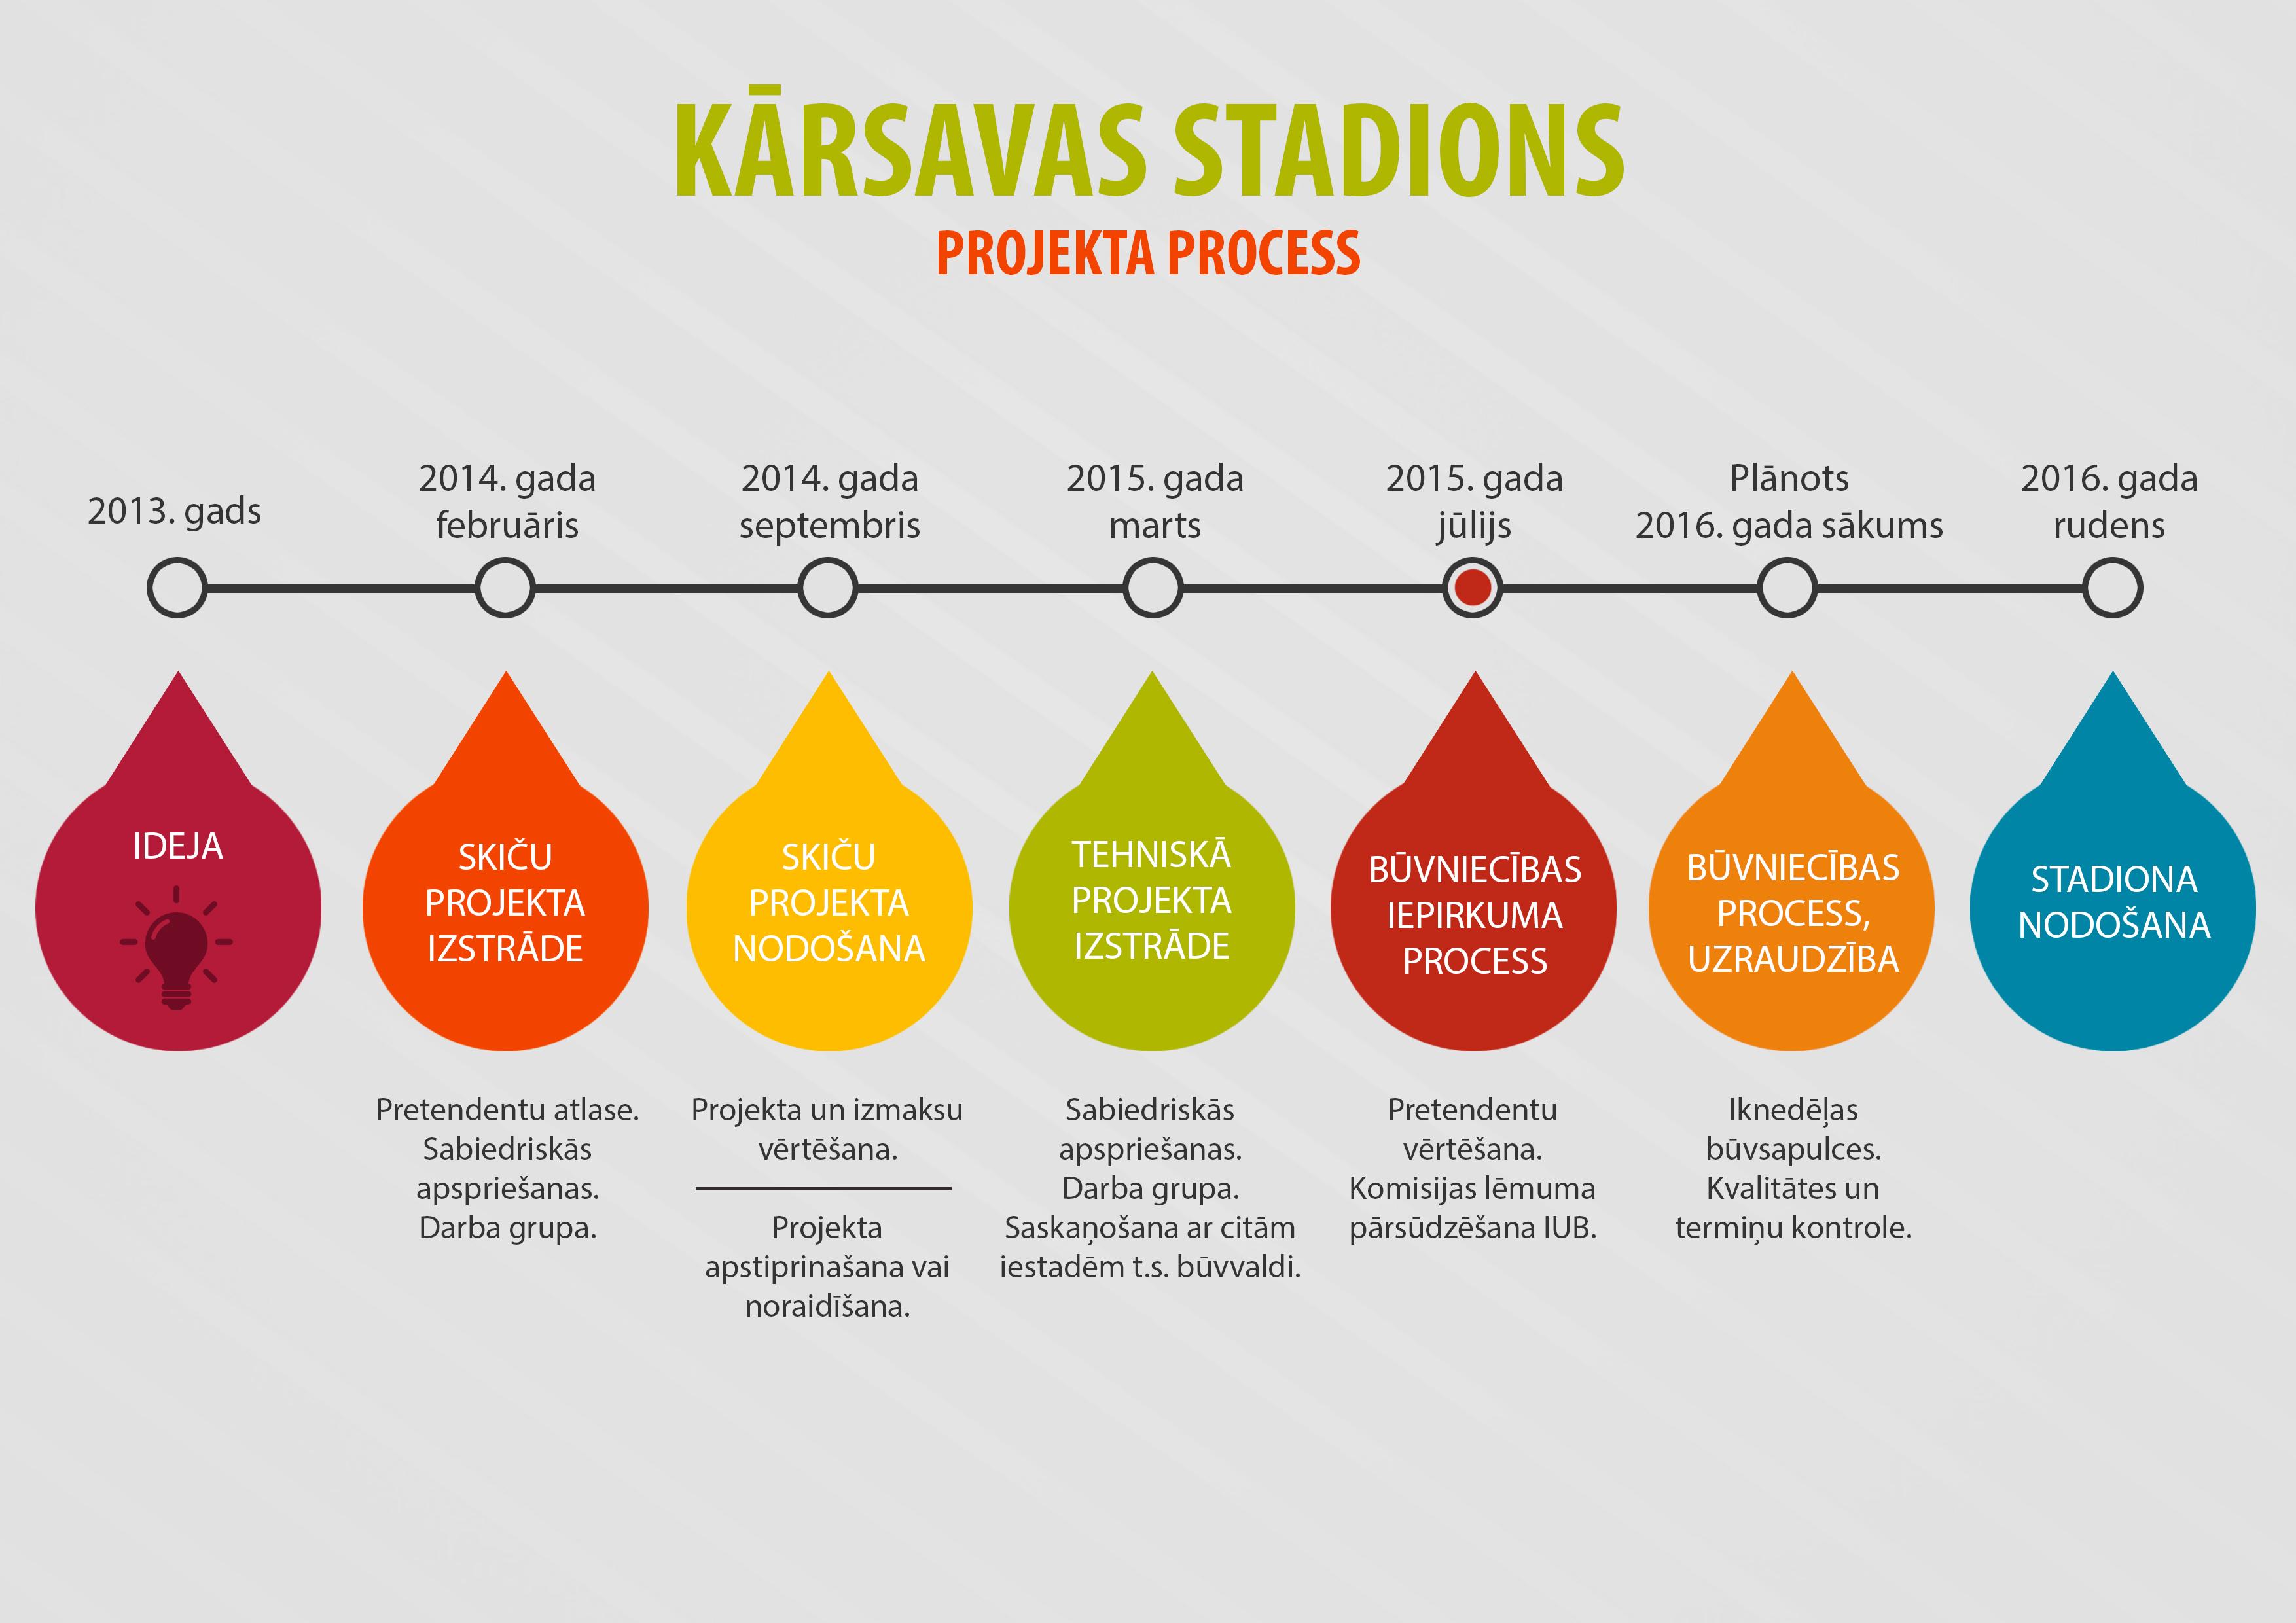 karsavas_stadions